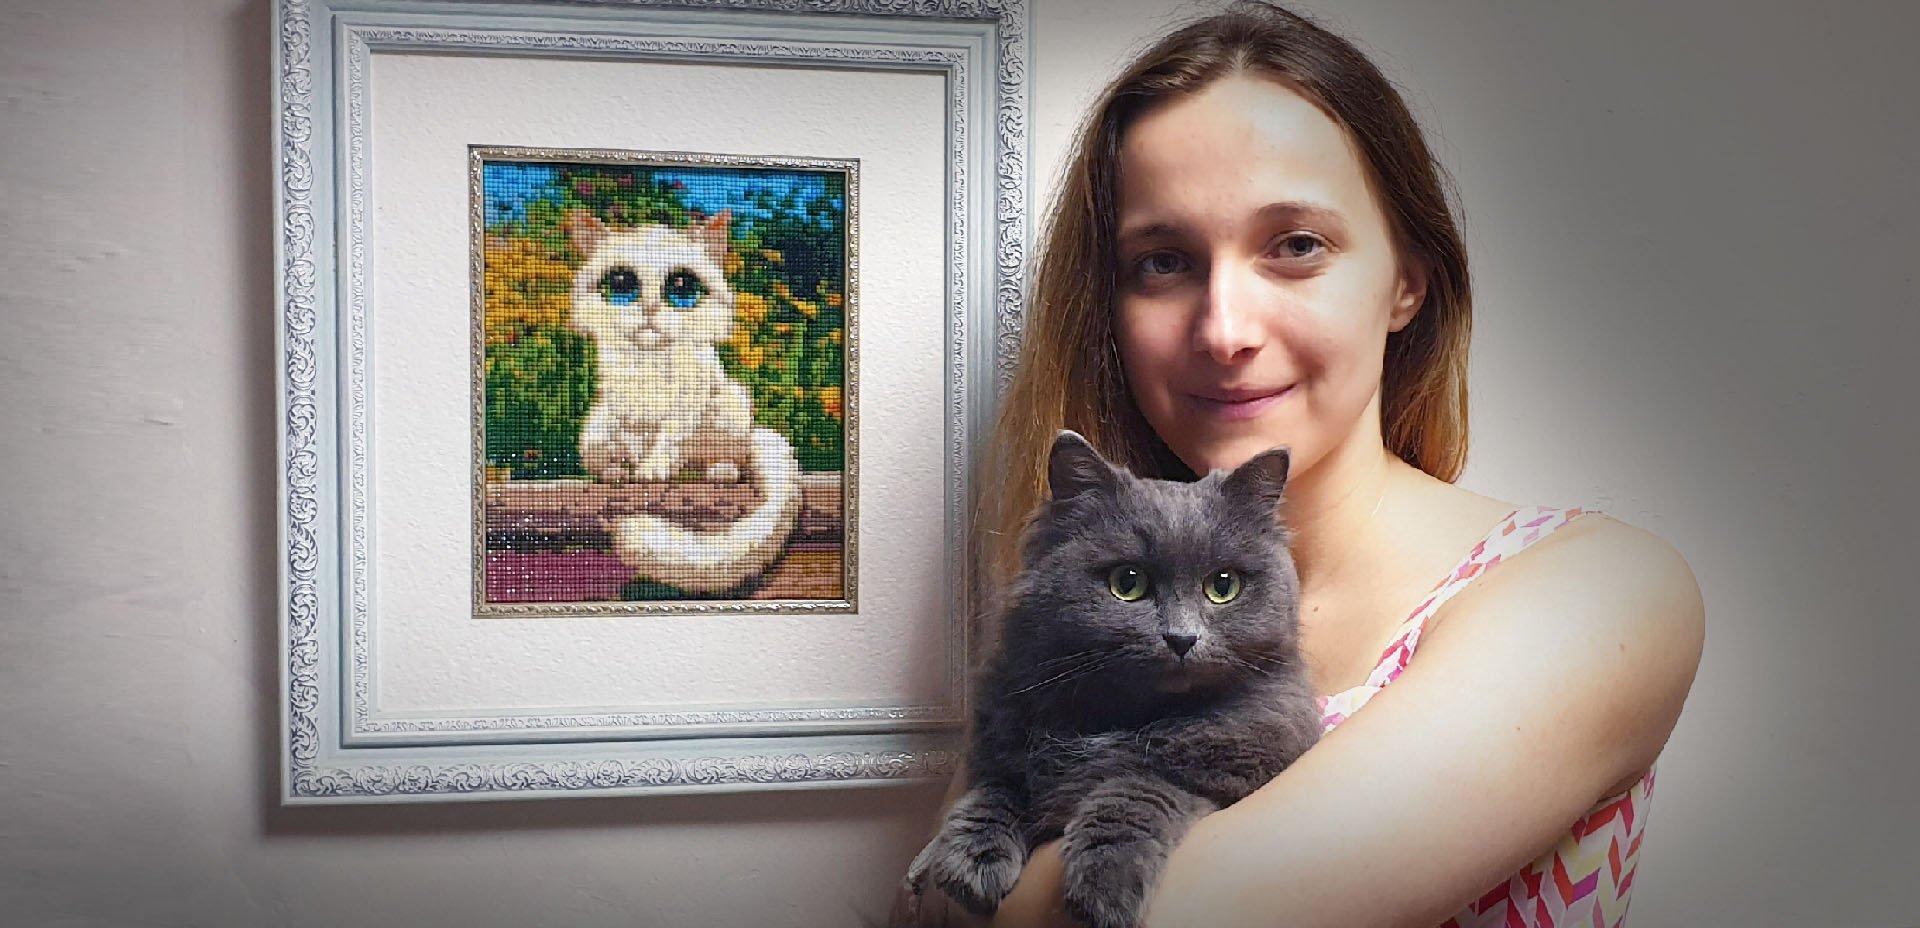 Storia di una ragazza che aiuta gli animali